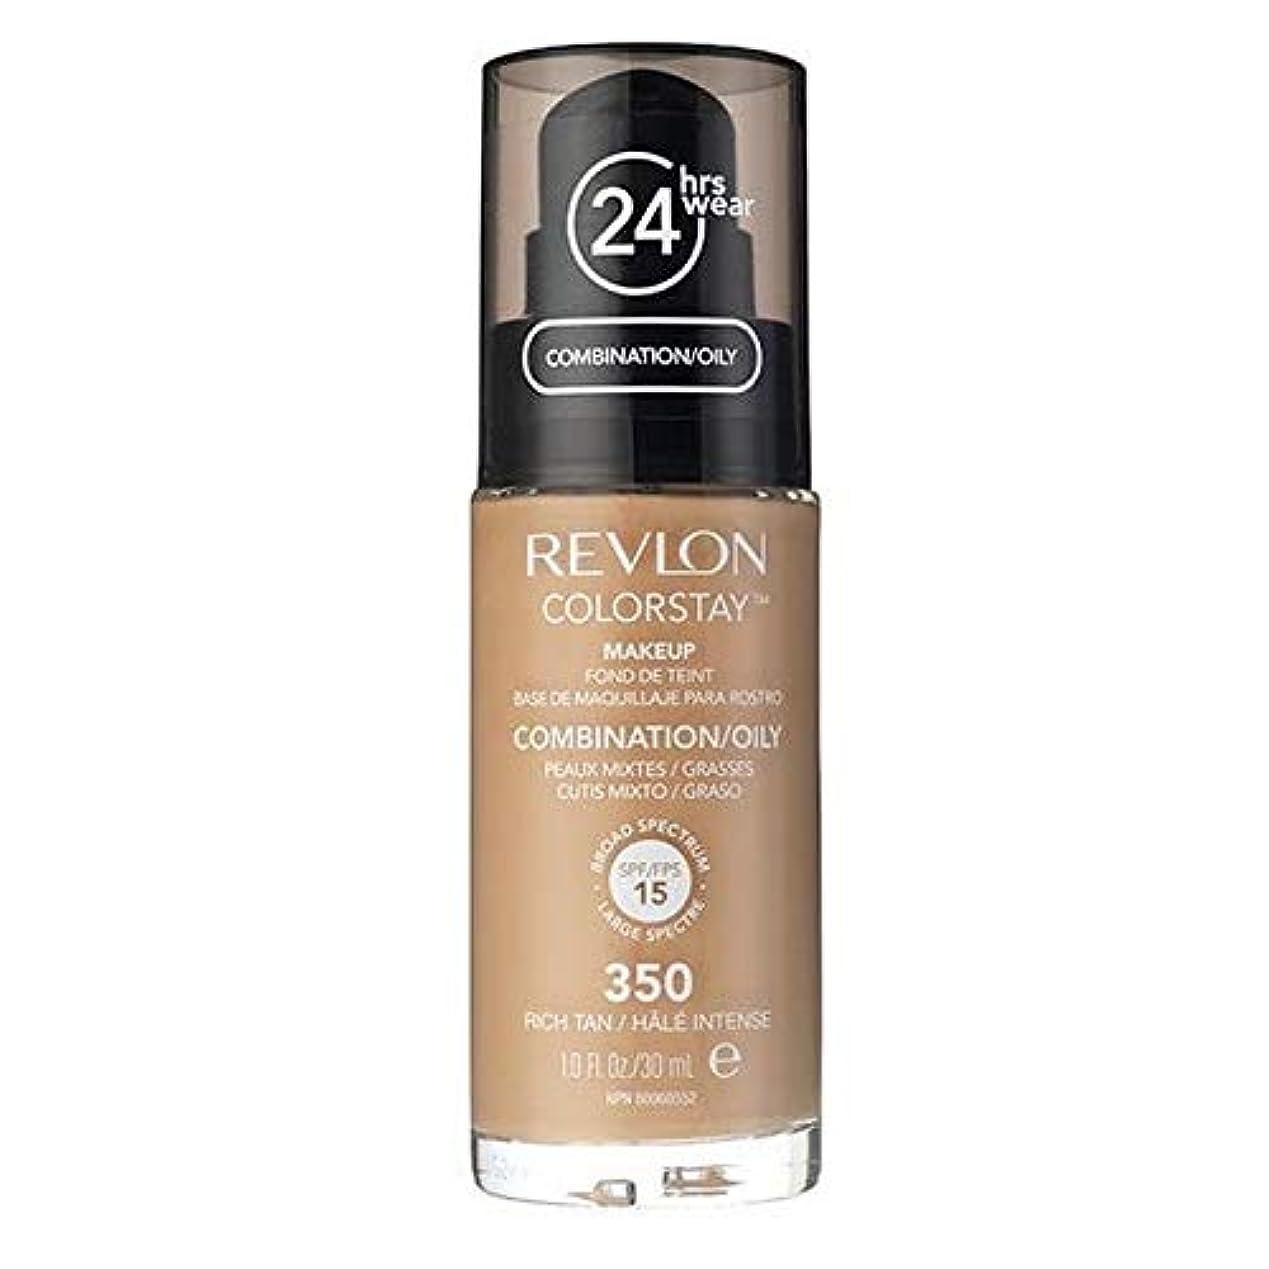 ルーキーポンドメナジェリー[Revlon ] レブロンカラーステイ基盤コンビ/油性豊かな日焼け30ミリリットル - Revlon Color Stay Foundation Combi/Oily Rich Tan 30ml [並行輸入品]